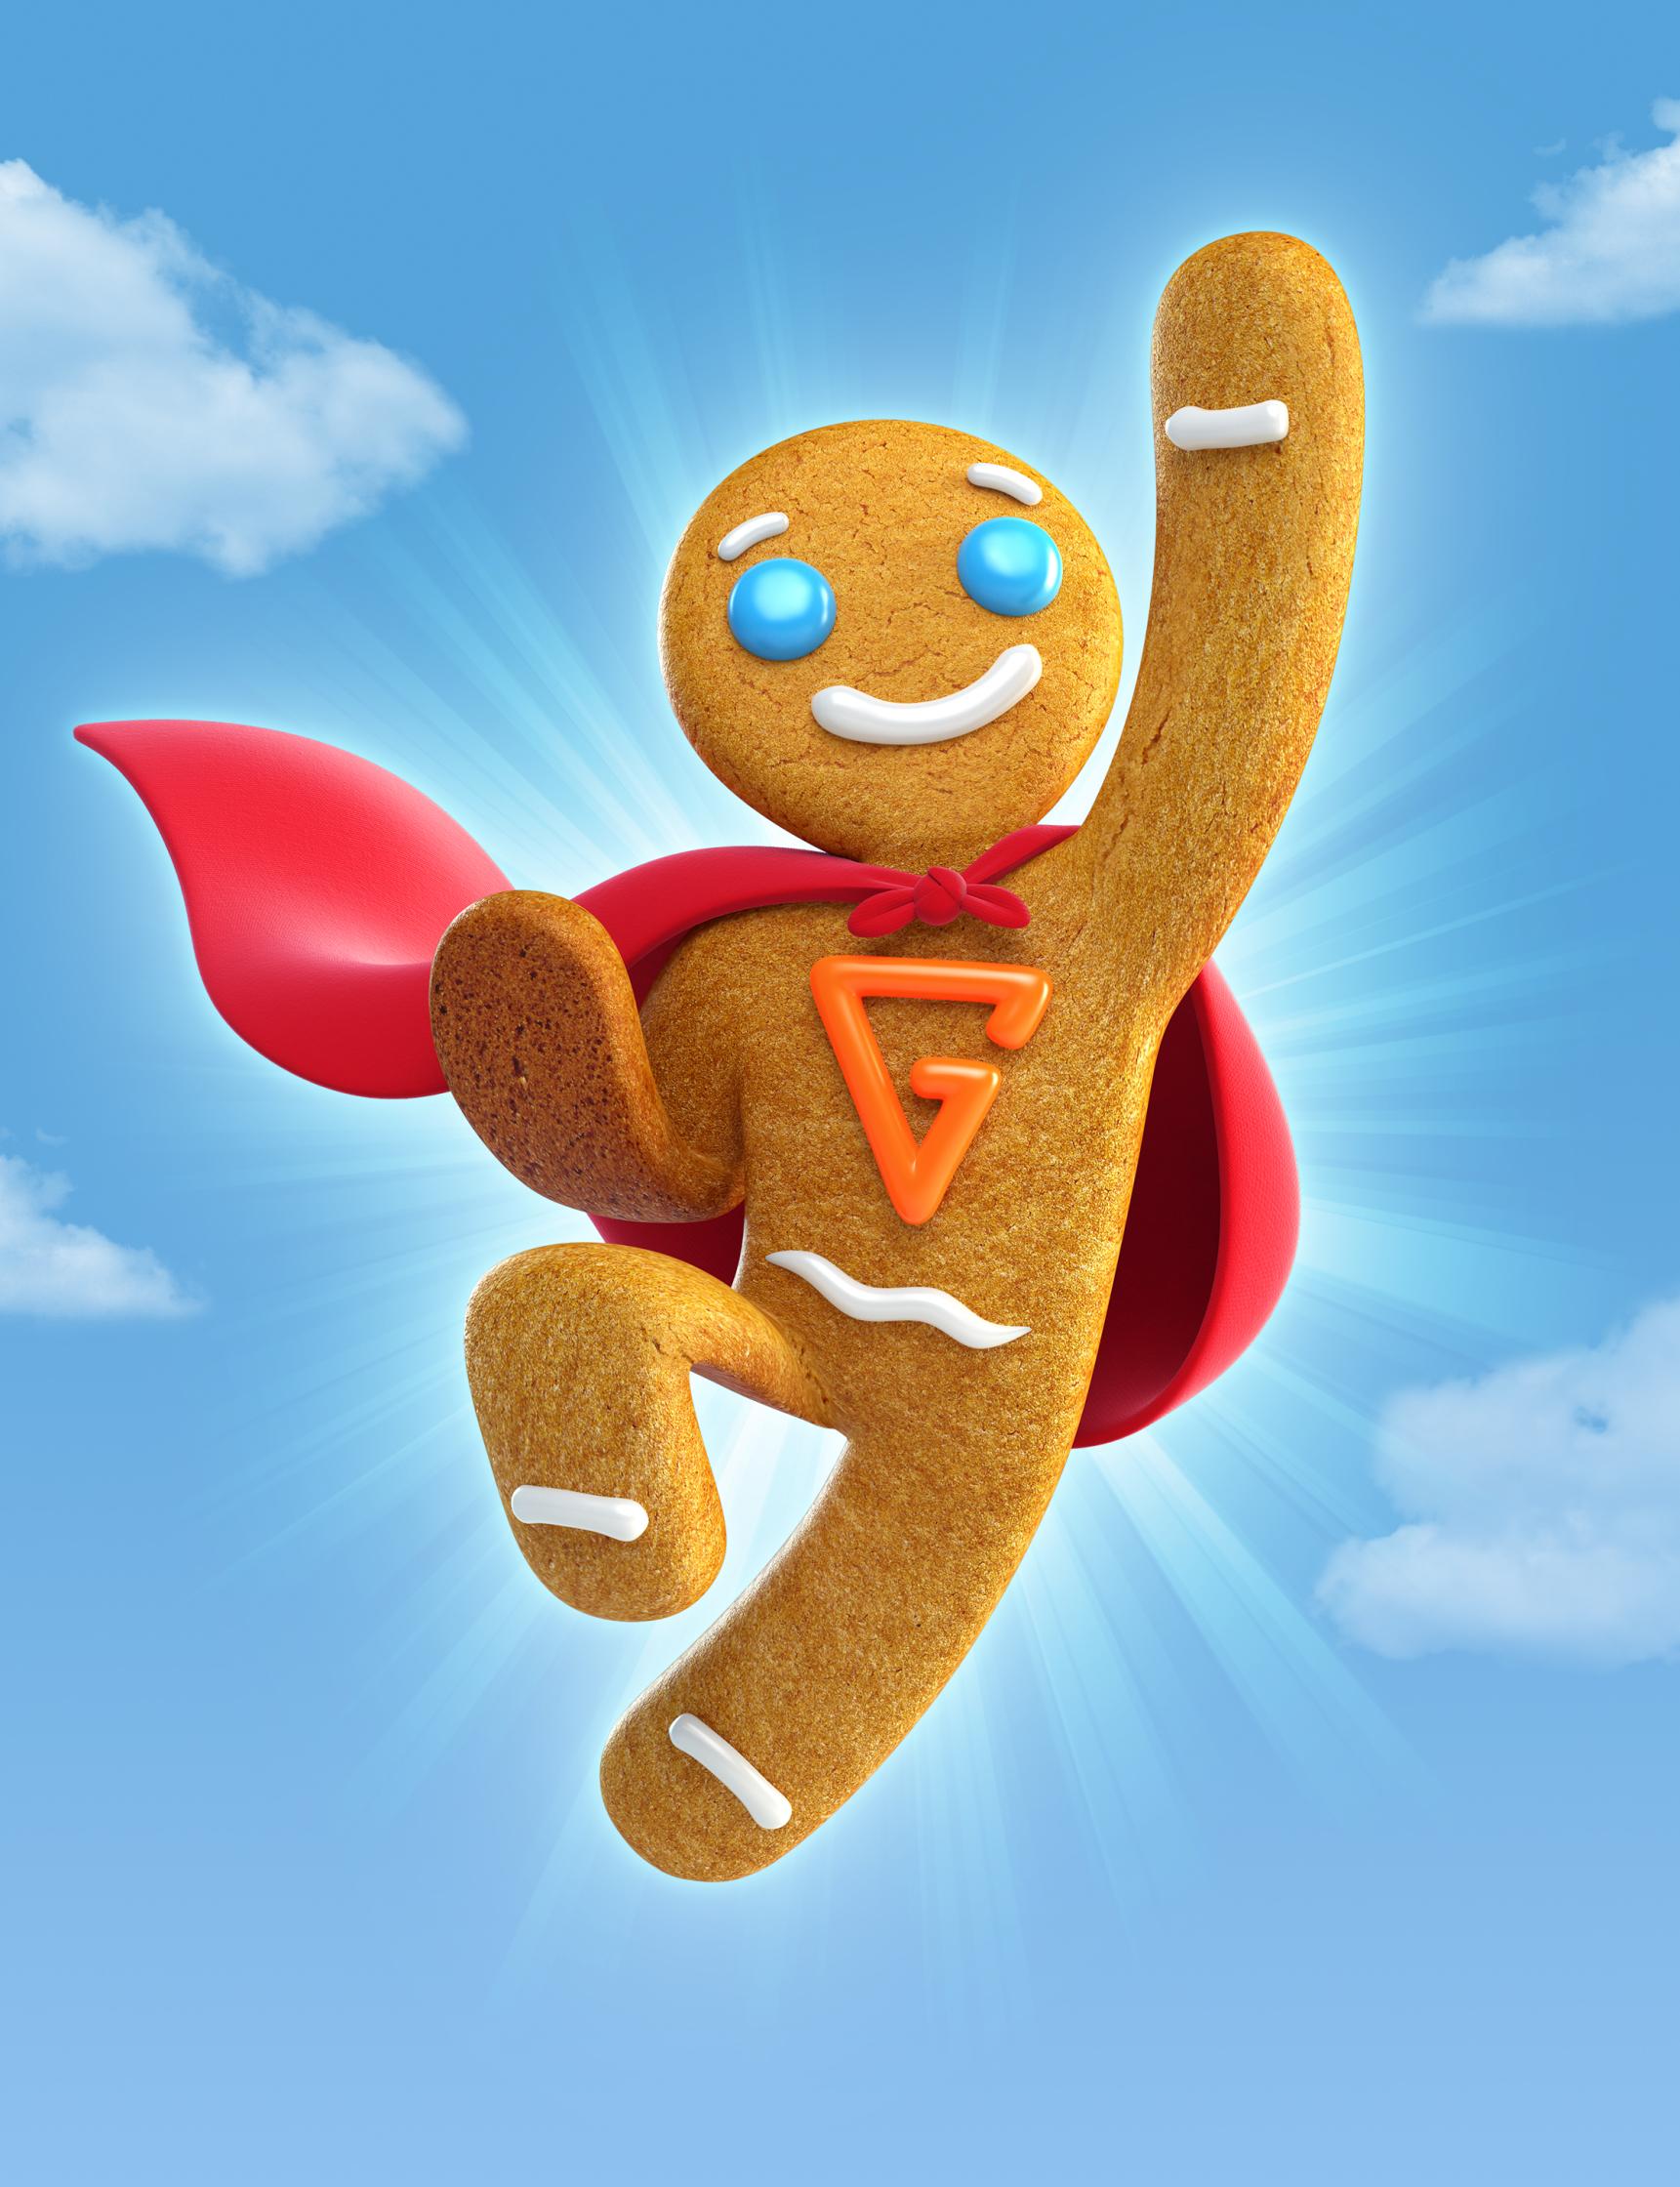 Gingerbread Man Runners World